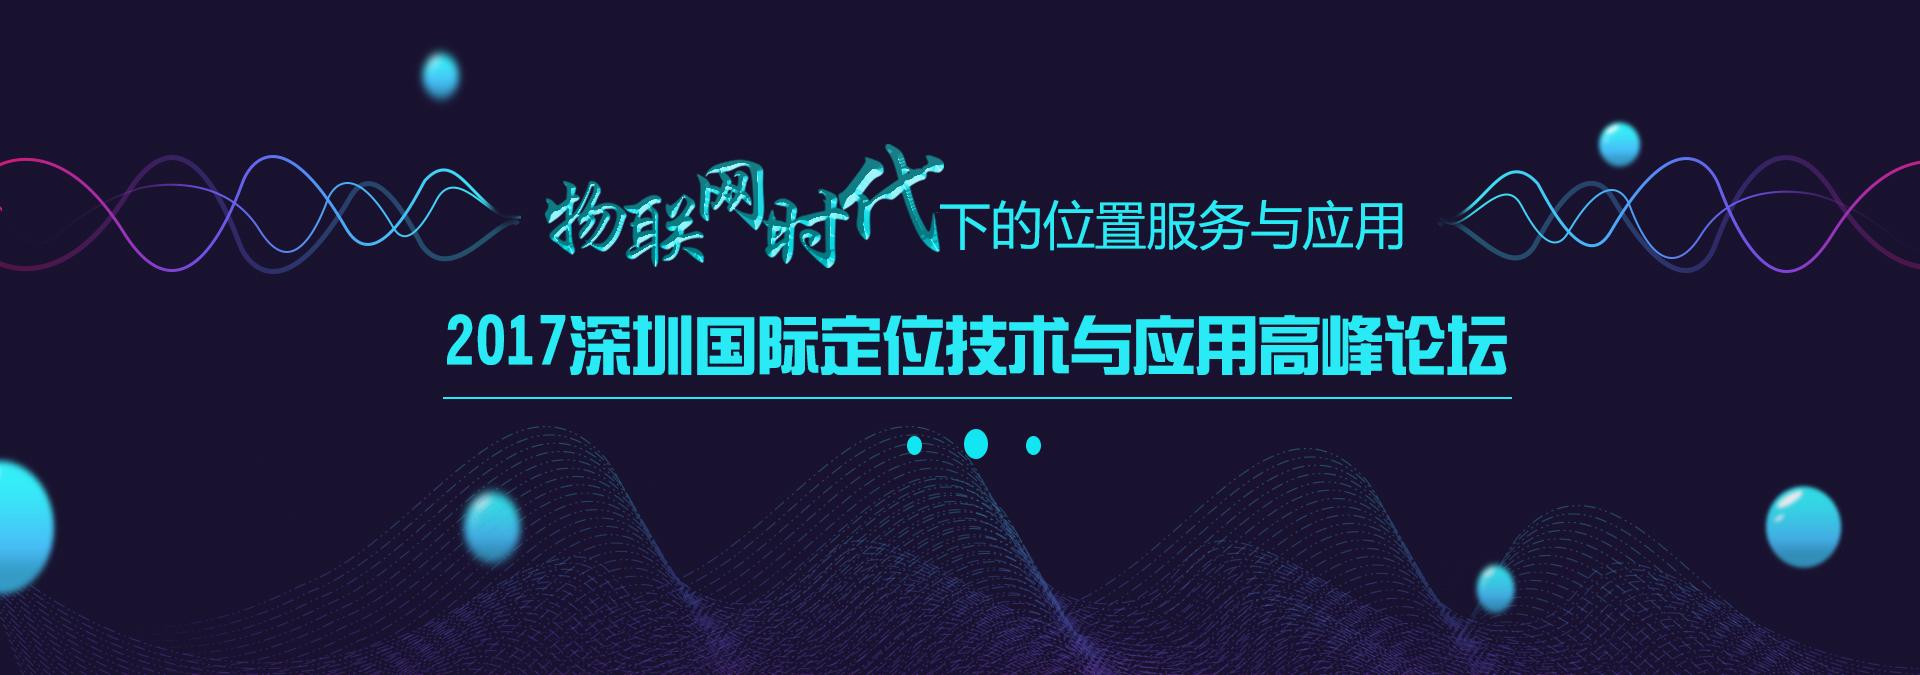 2017深圳国际定位技术与应用高峰论坛专题回顾